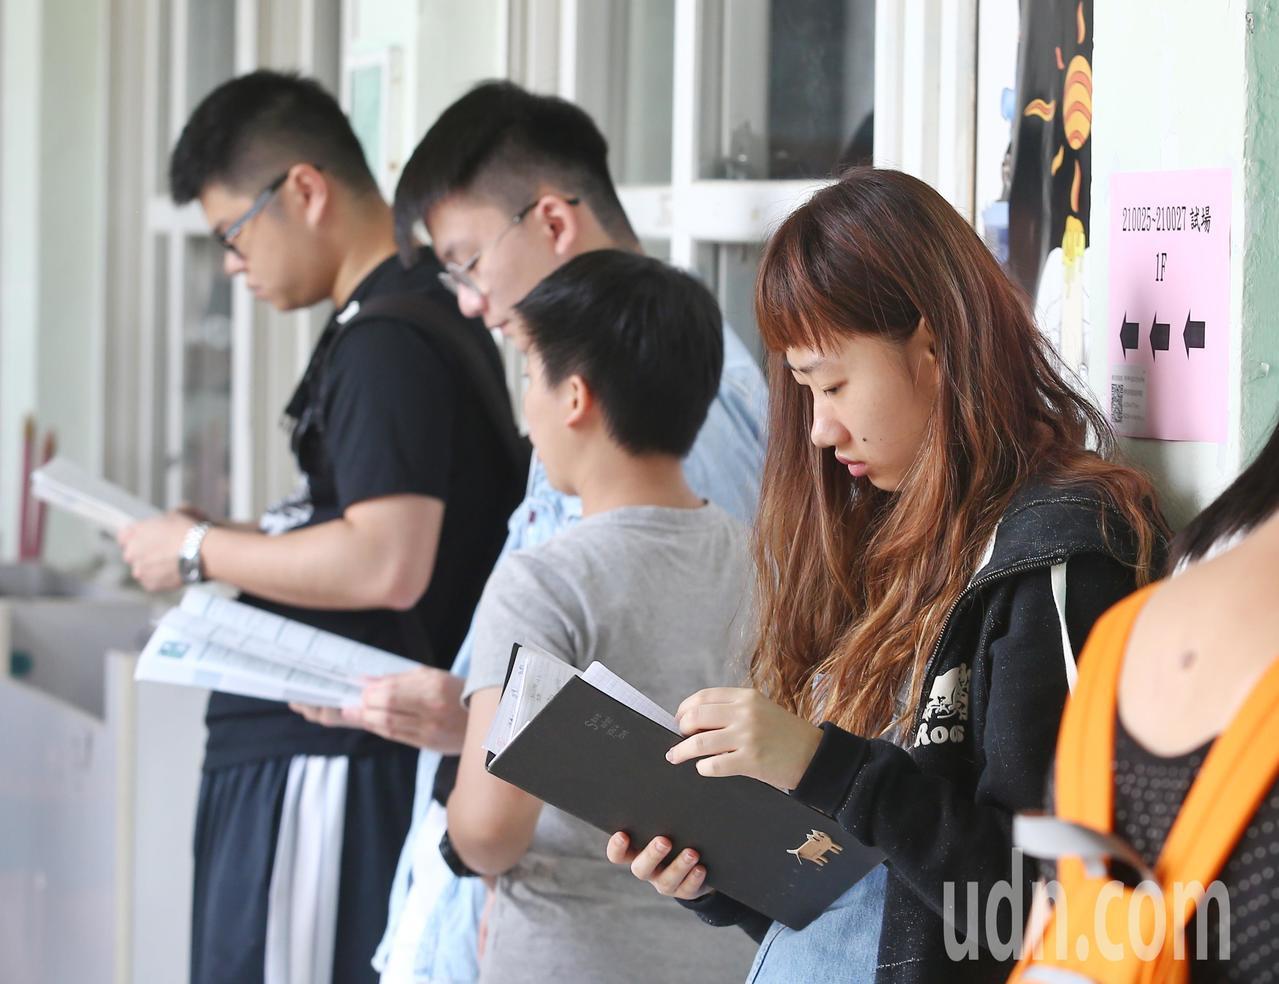 108學年度指定科目考試第二日,考生在考場走廊抓緊時間複習。記者曾原信/攝影